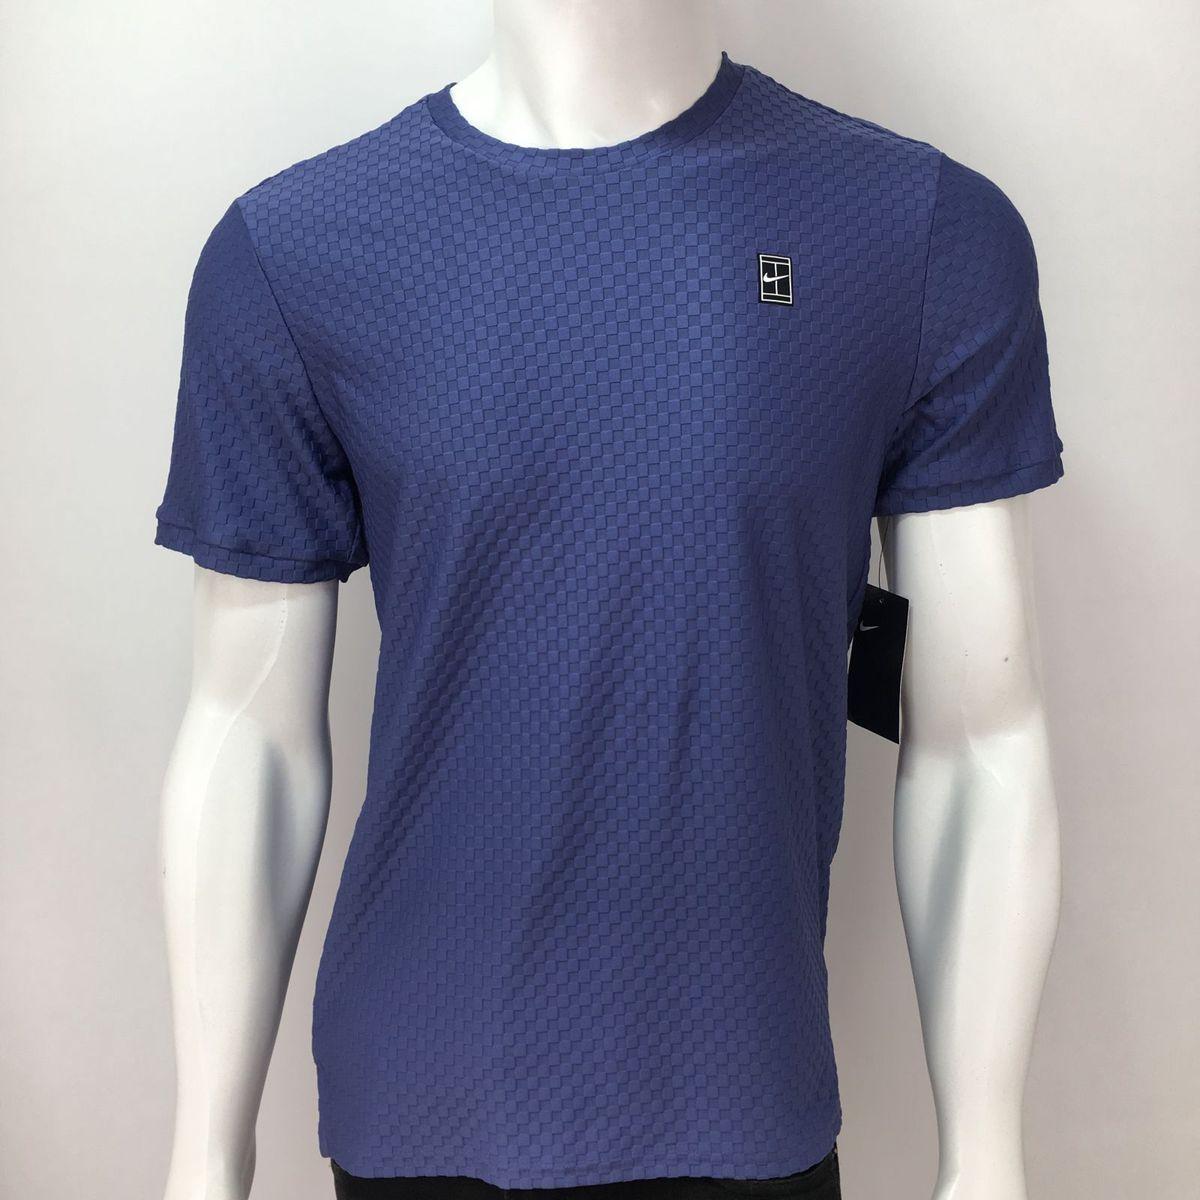 5870b760eb 198 - camiseta nike court checkered nadal federer djokovic camisa p tênnis  tênis original - camisetas